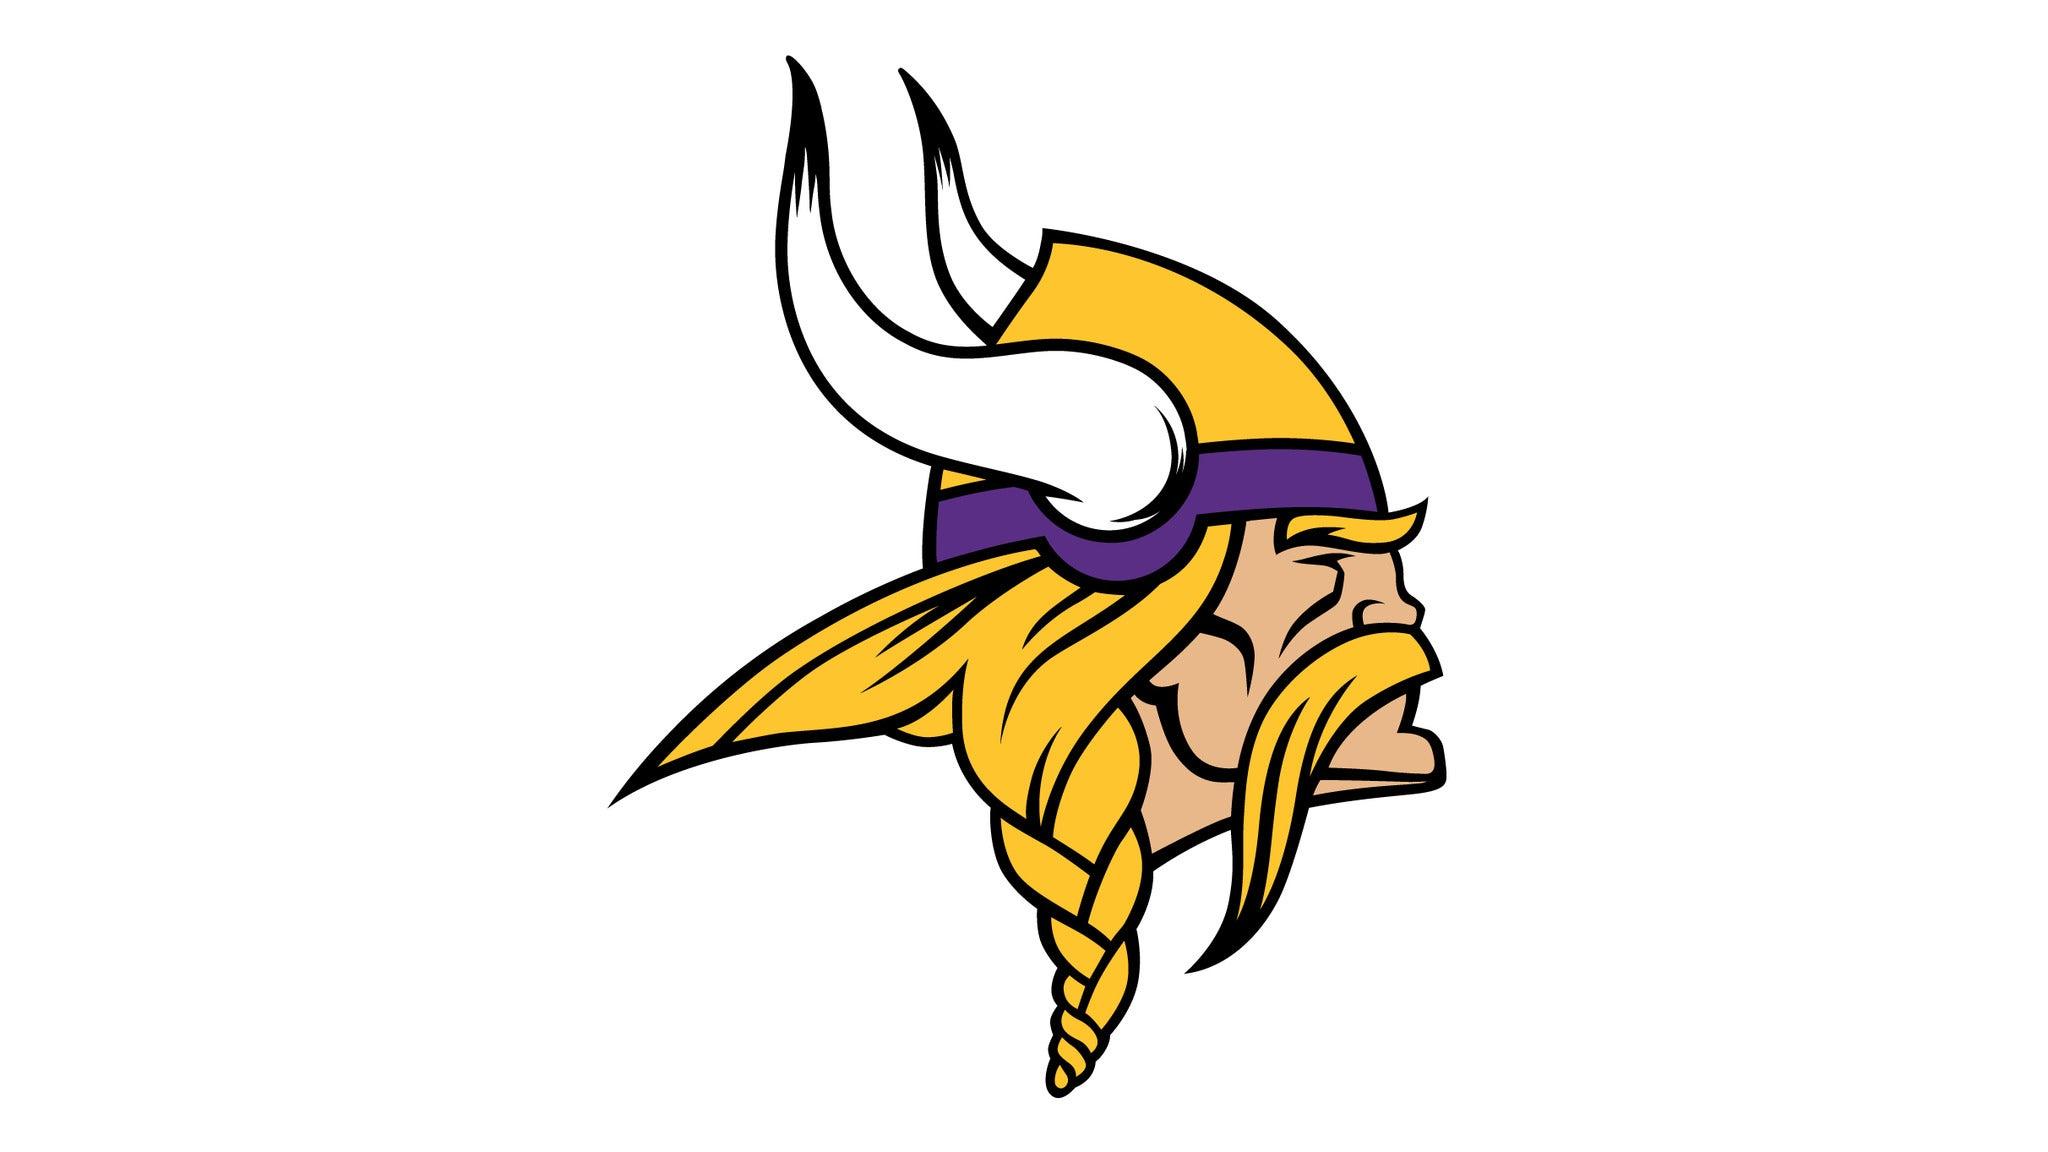 2019 Miller Lite Vikings Draft Party at U.S. Bank Stadium